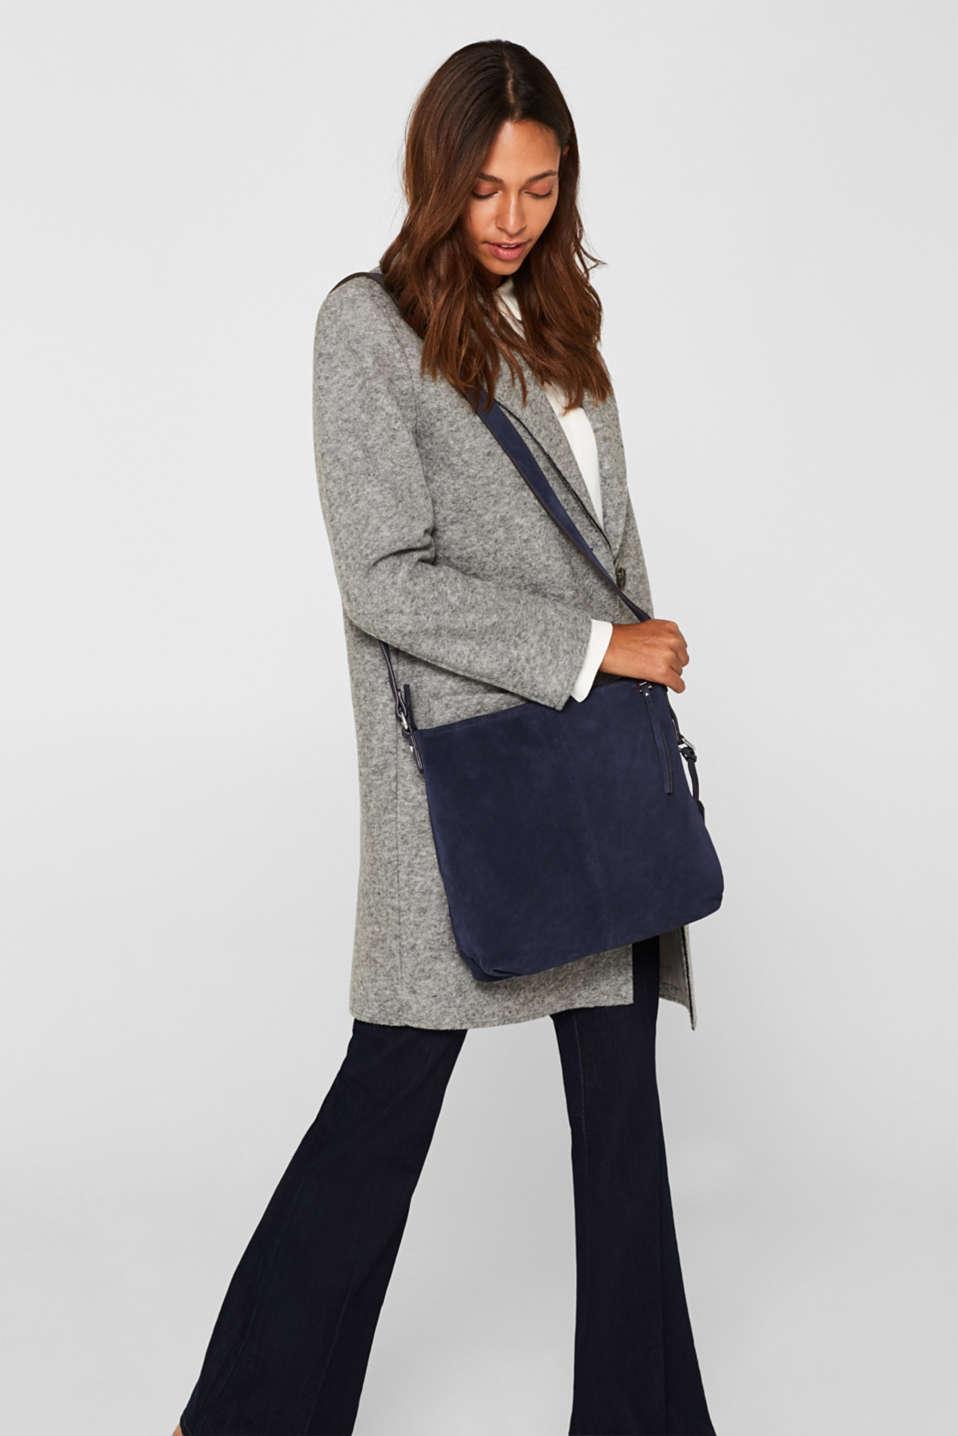 Leather shoulder bag, NAVY, detail image number 1